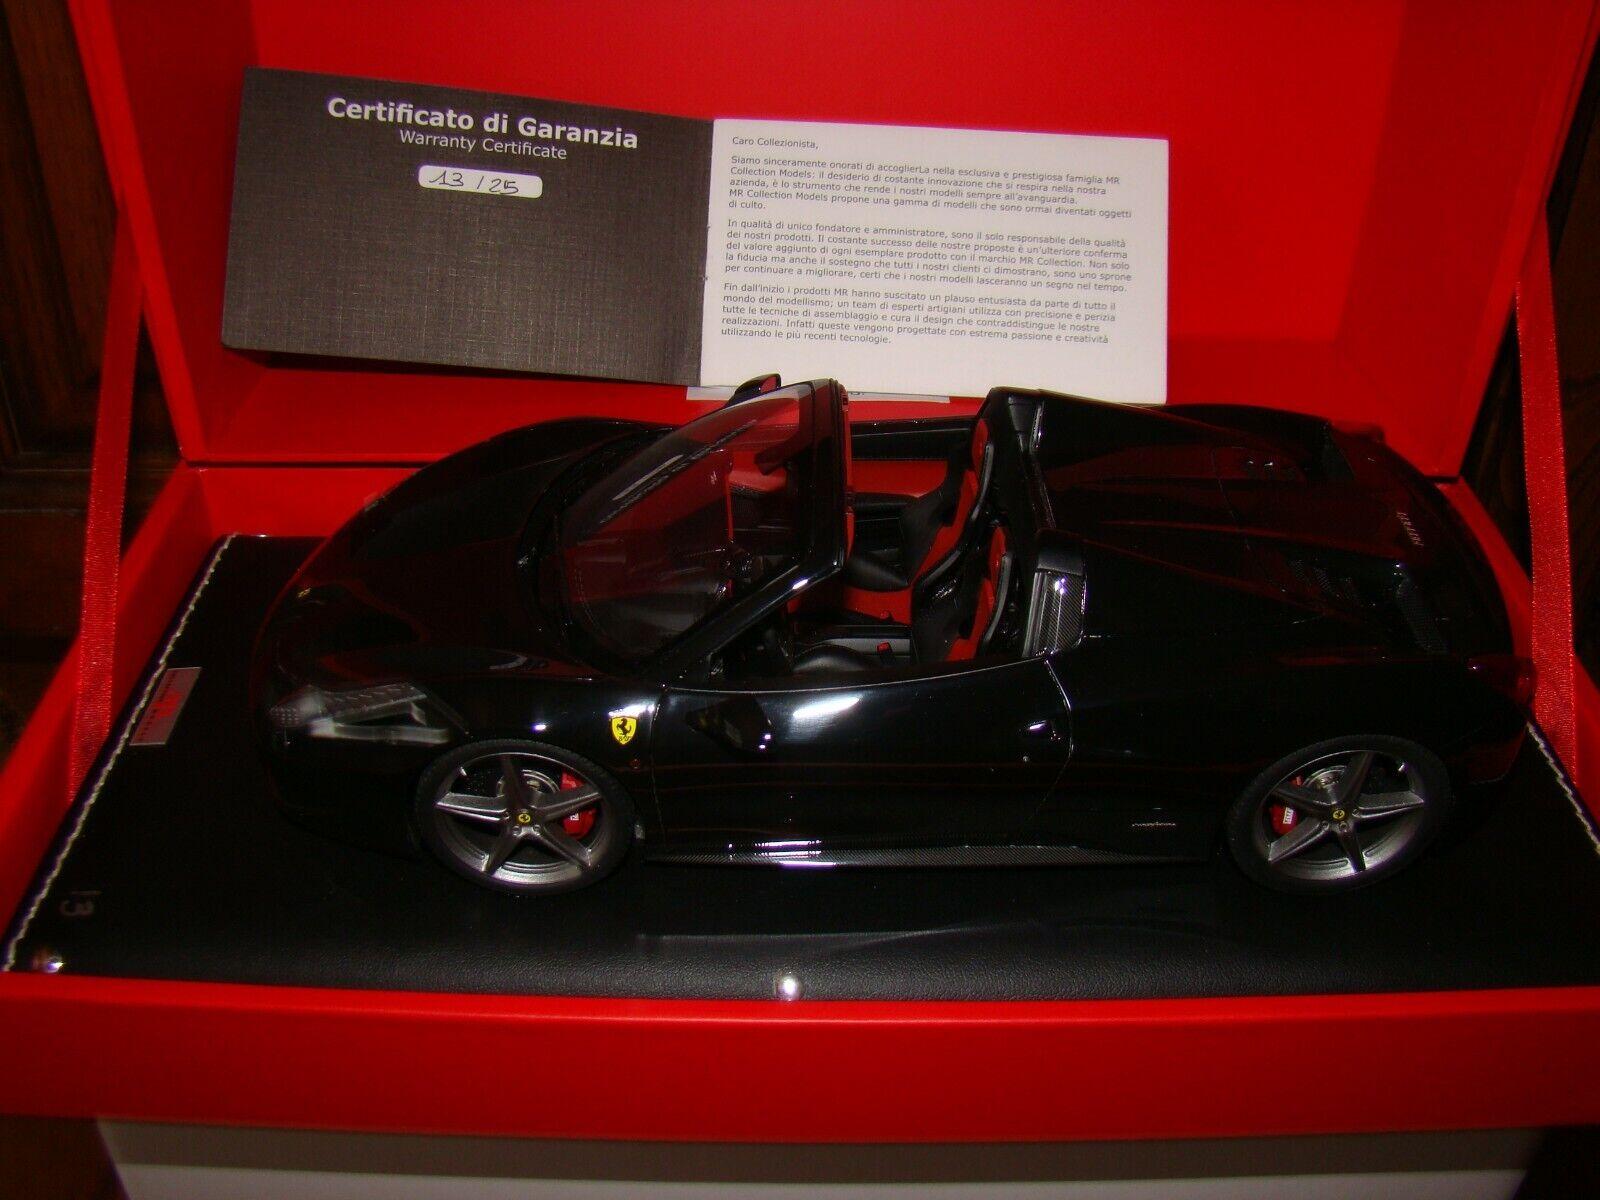 Ferrari 458 Ragno Mr Collezione Nera 1 18 Eme Superbo e Molto Rara